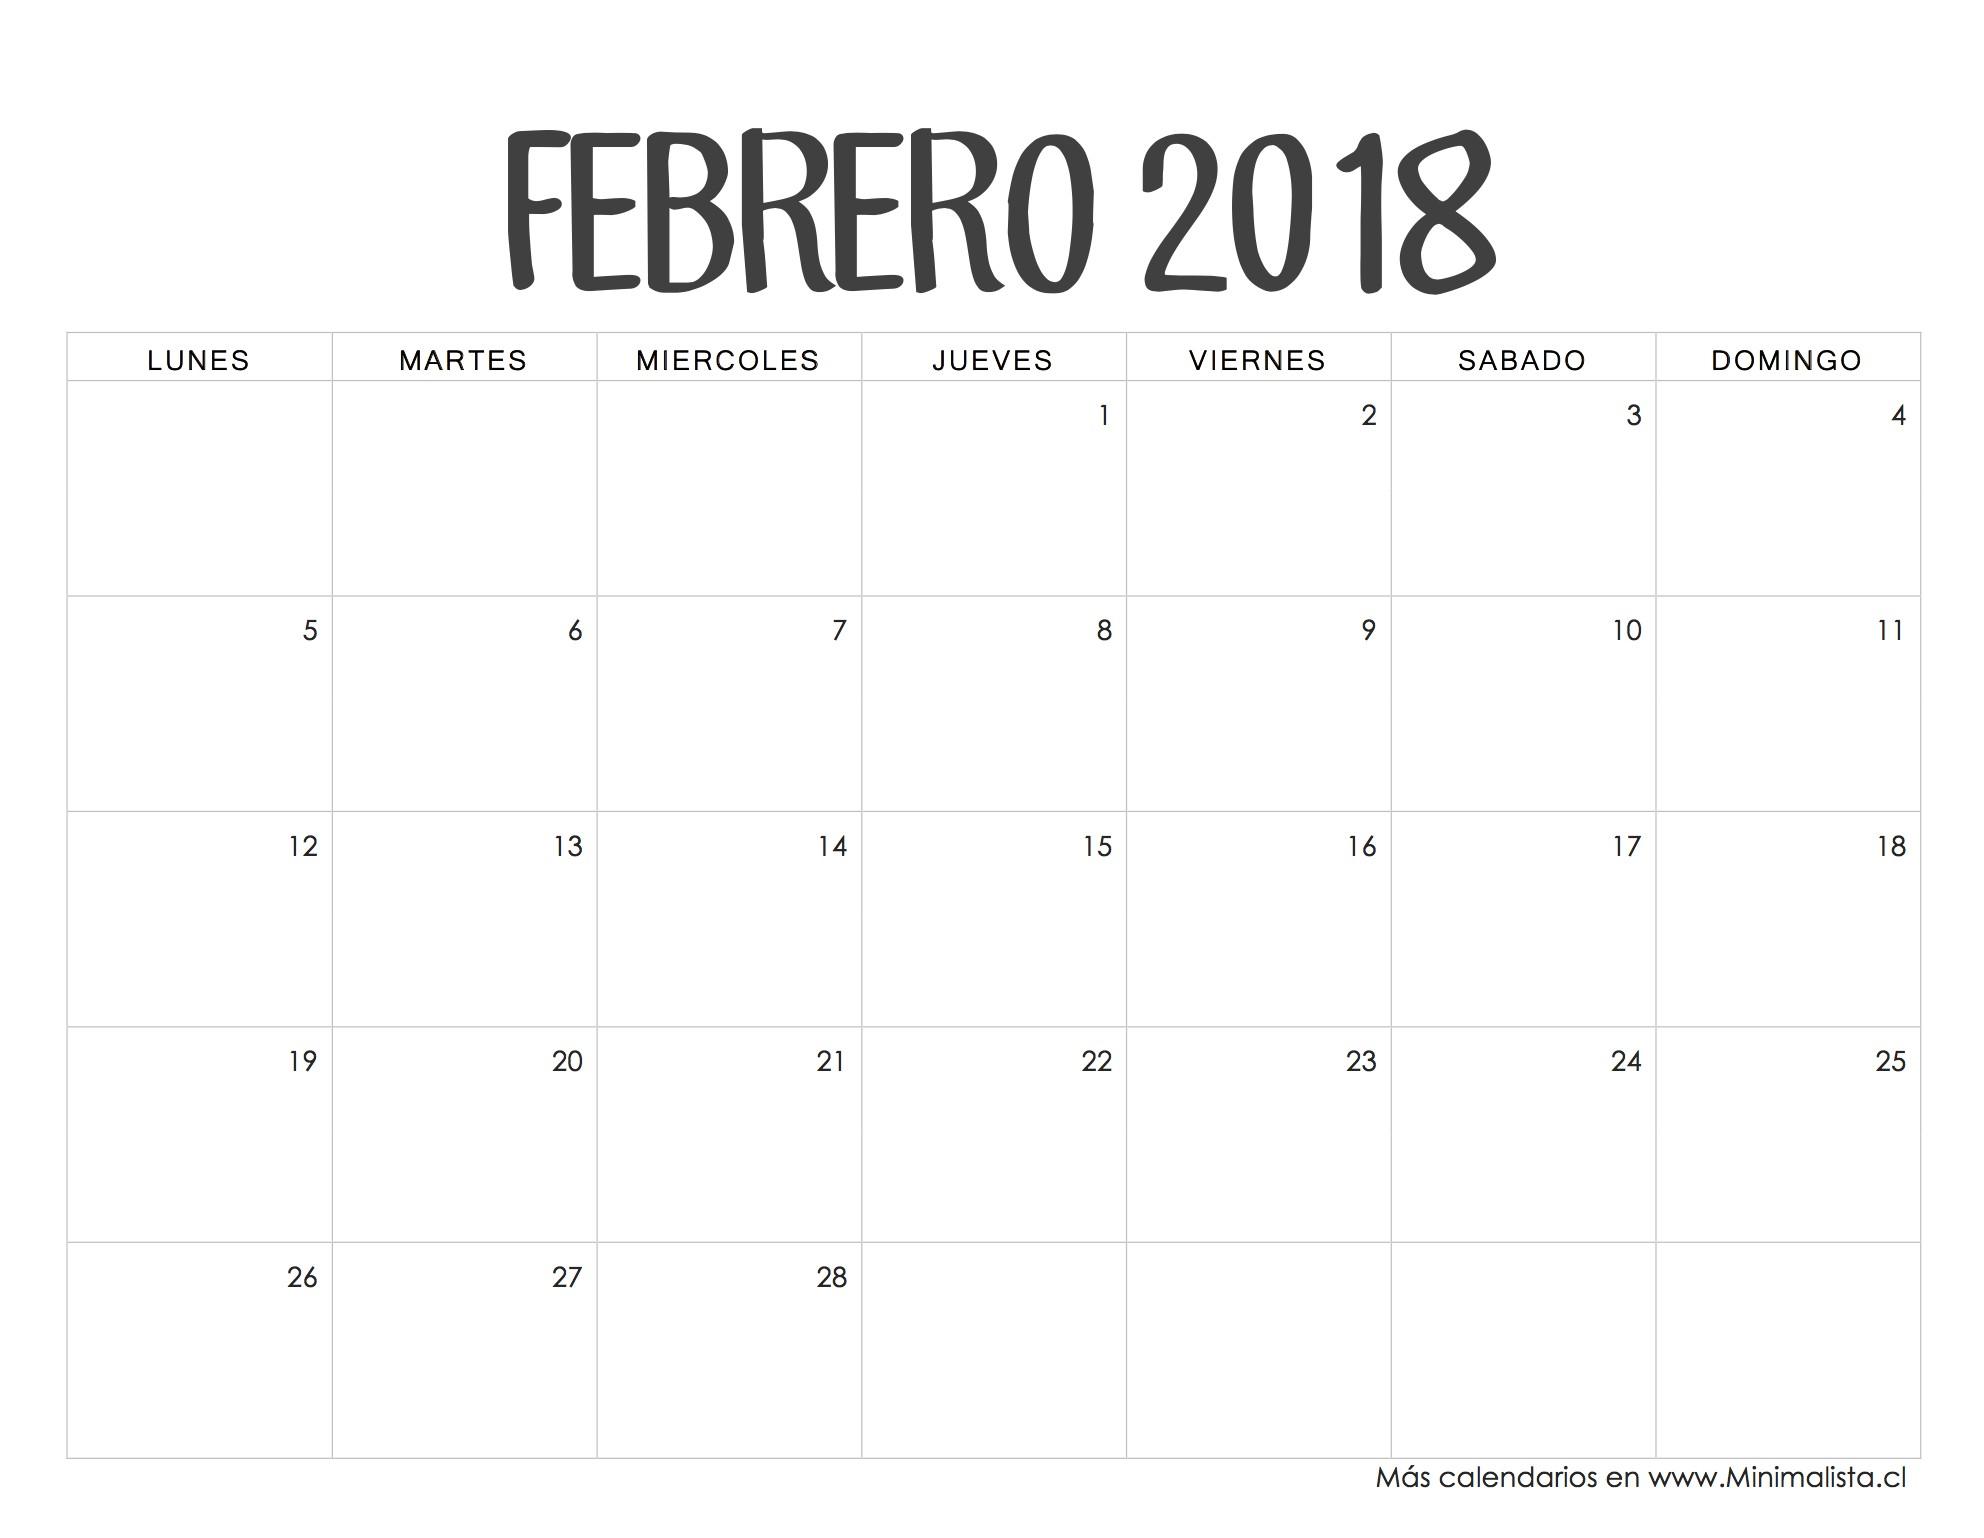 Calendario 2019 Para Imprimir Mes A Mes Recientes Calendario Febrero 2018 Dise±os Pinterest Of Calendario 2019 Para Imprimir Mes A Mes Más Caliente Root